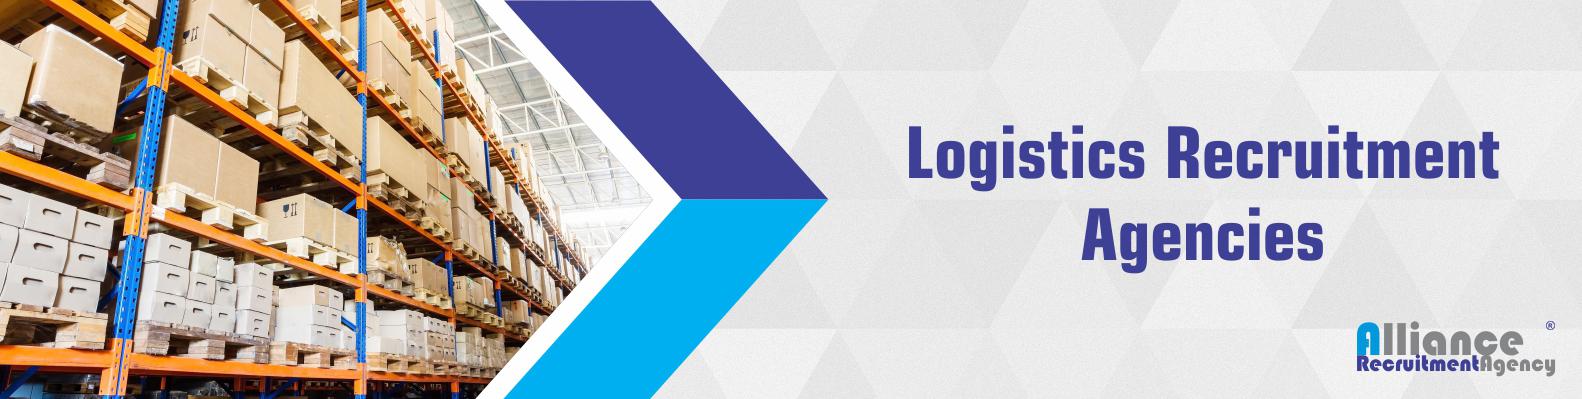 Logistics Recruitment Agencies - Logistics Consulting Companies